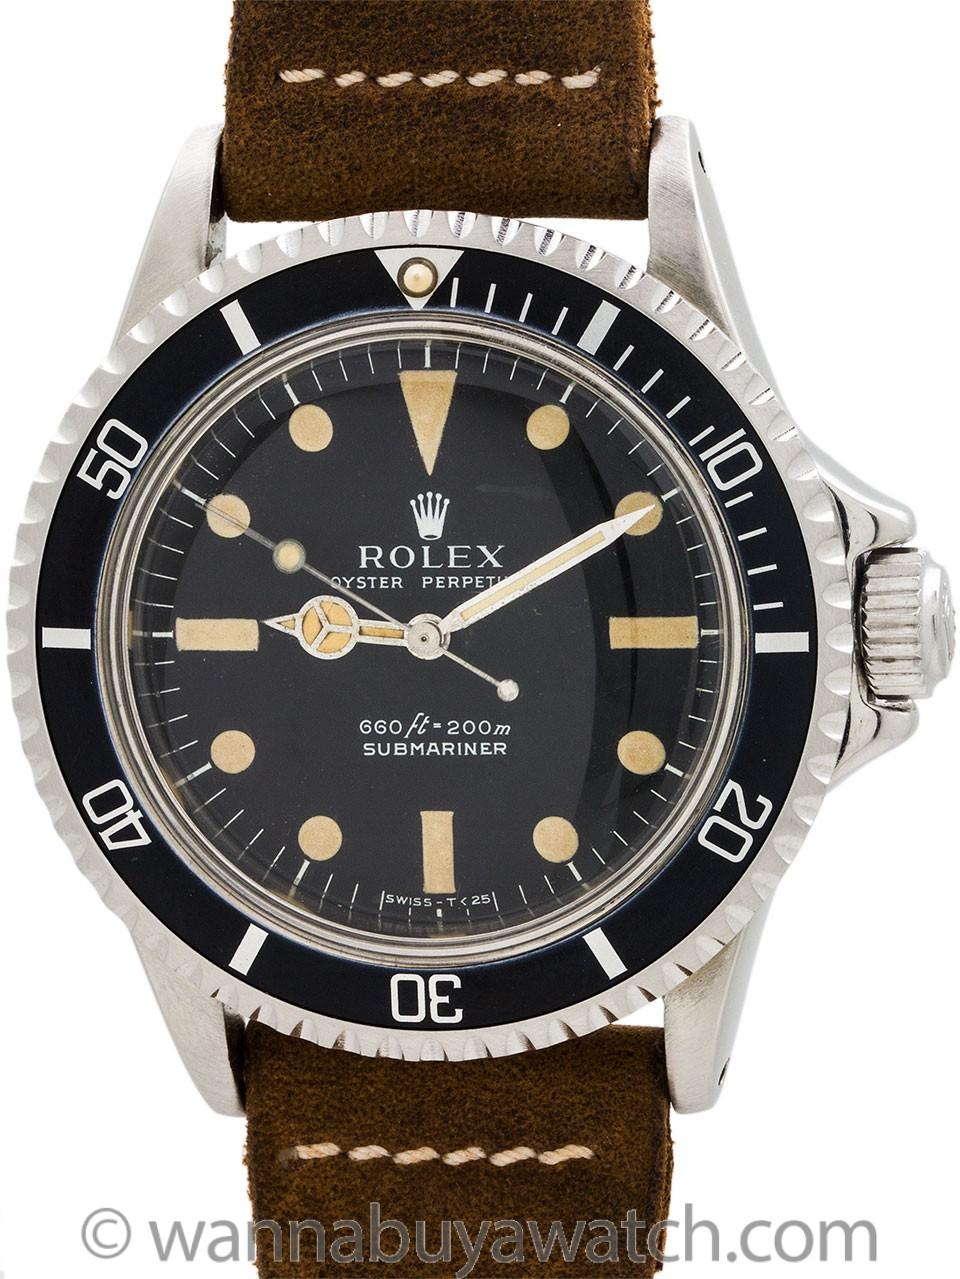 Rolex Submariner ref 5513 circa 1974